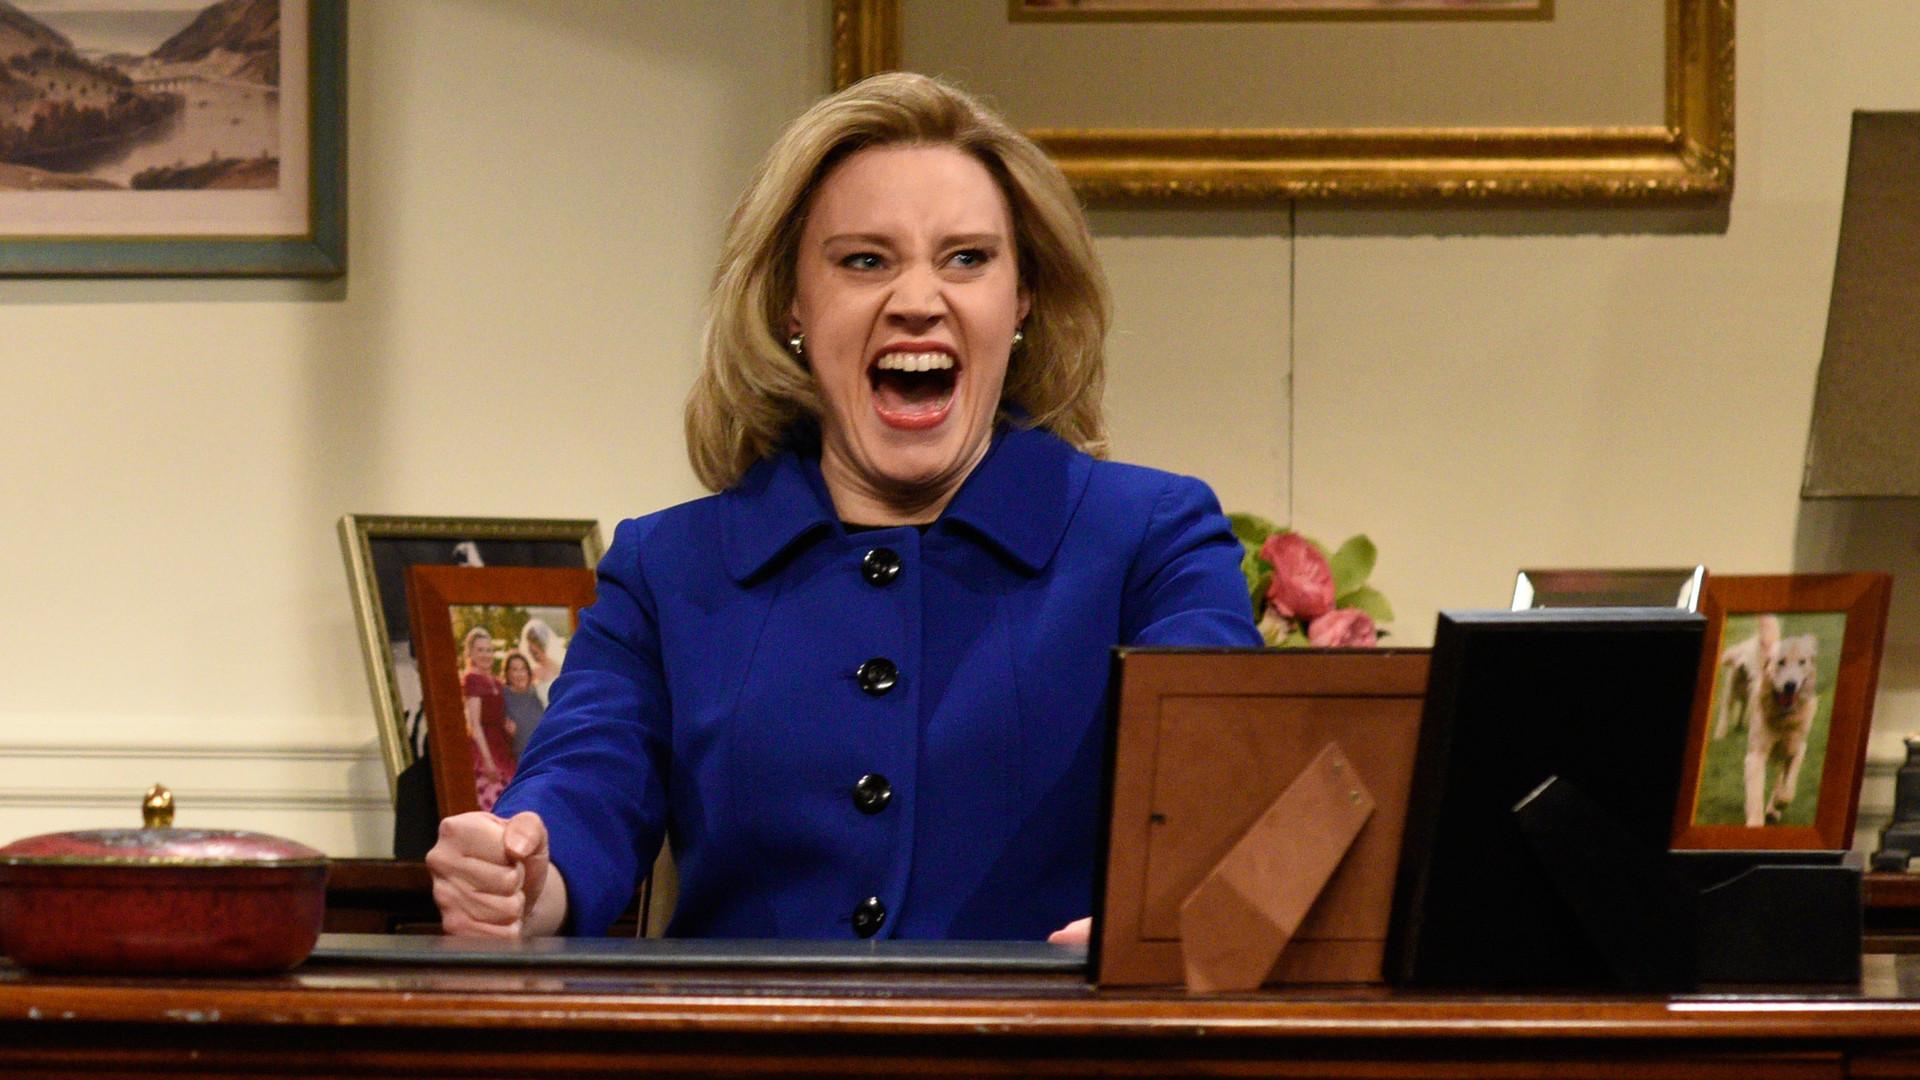 'SNL's' Kate McKinnon On Hillary Clinton: 'I Just Love Her